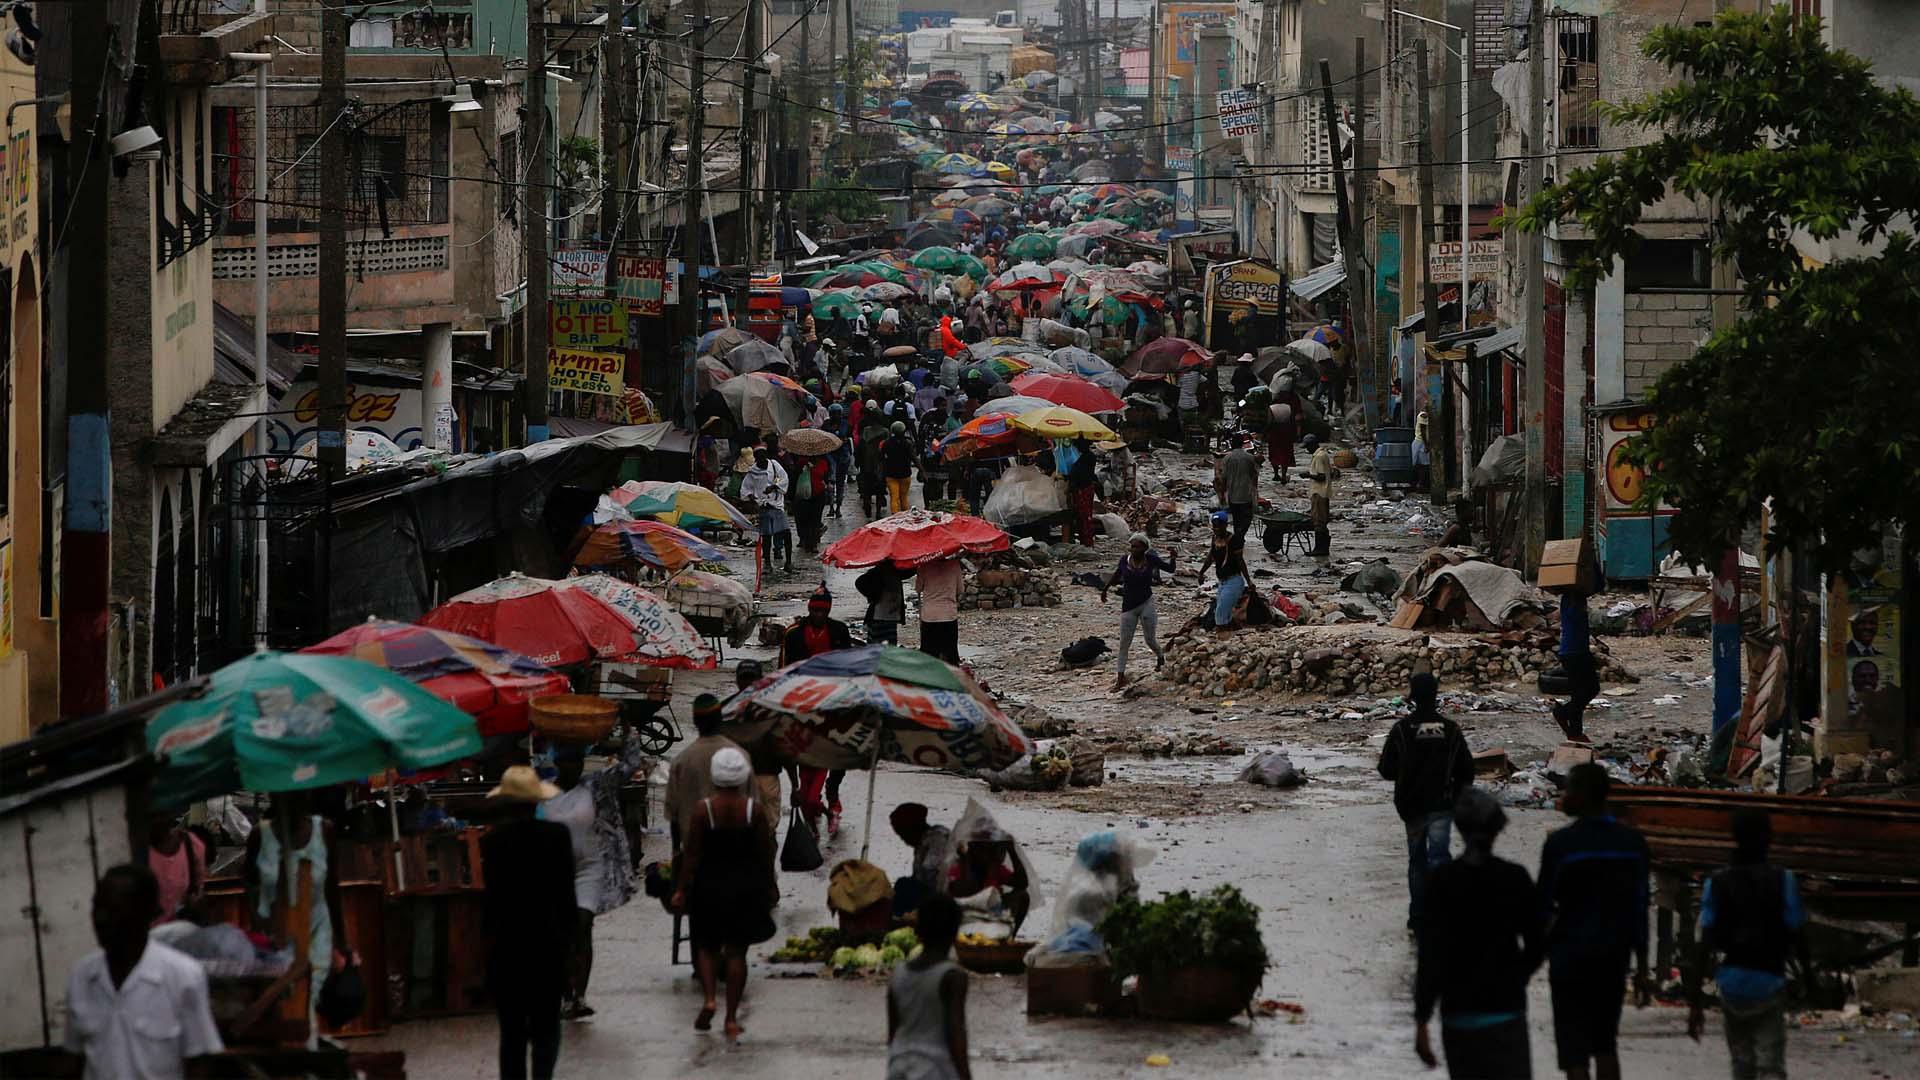 Las fuertes lluvias afectaron a varias ciudades de la costa donde hubo desplazamientos y zonas parcialmente inundadas